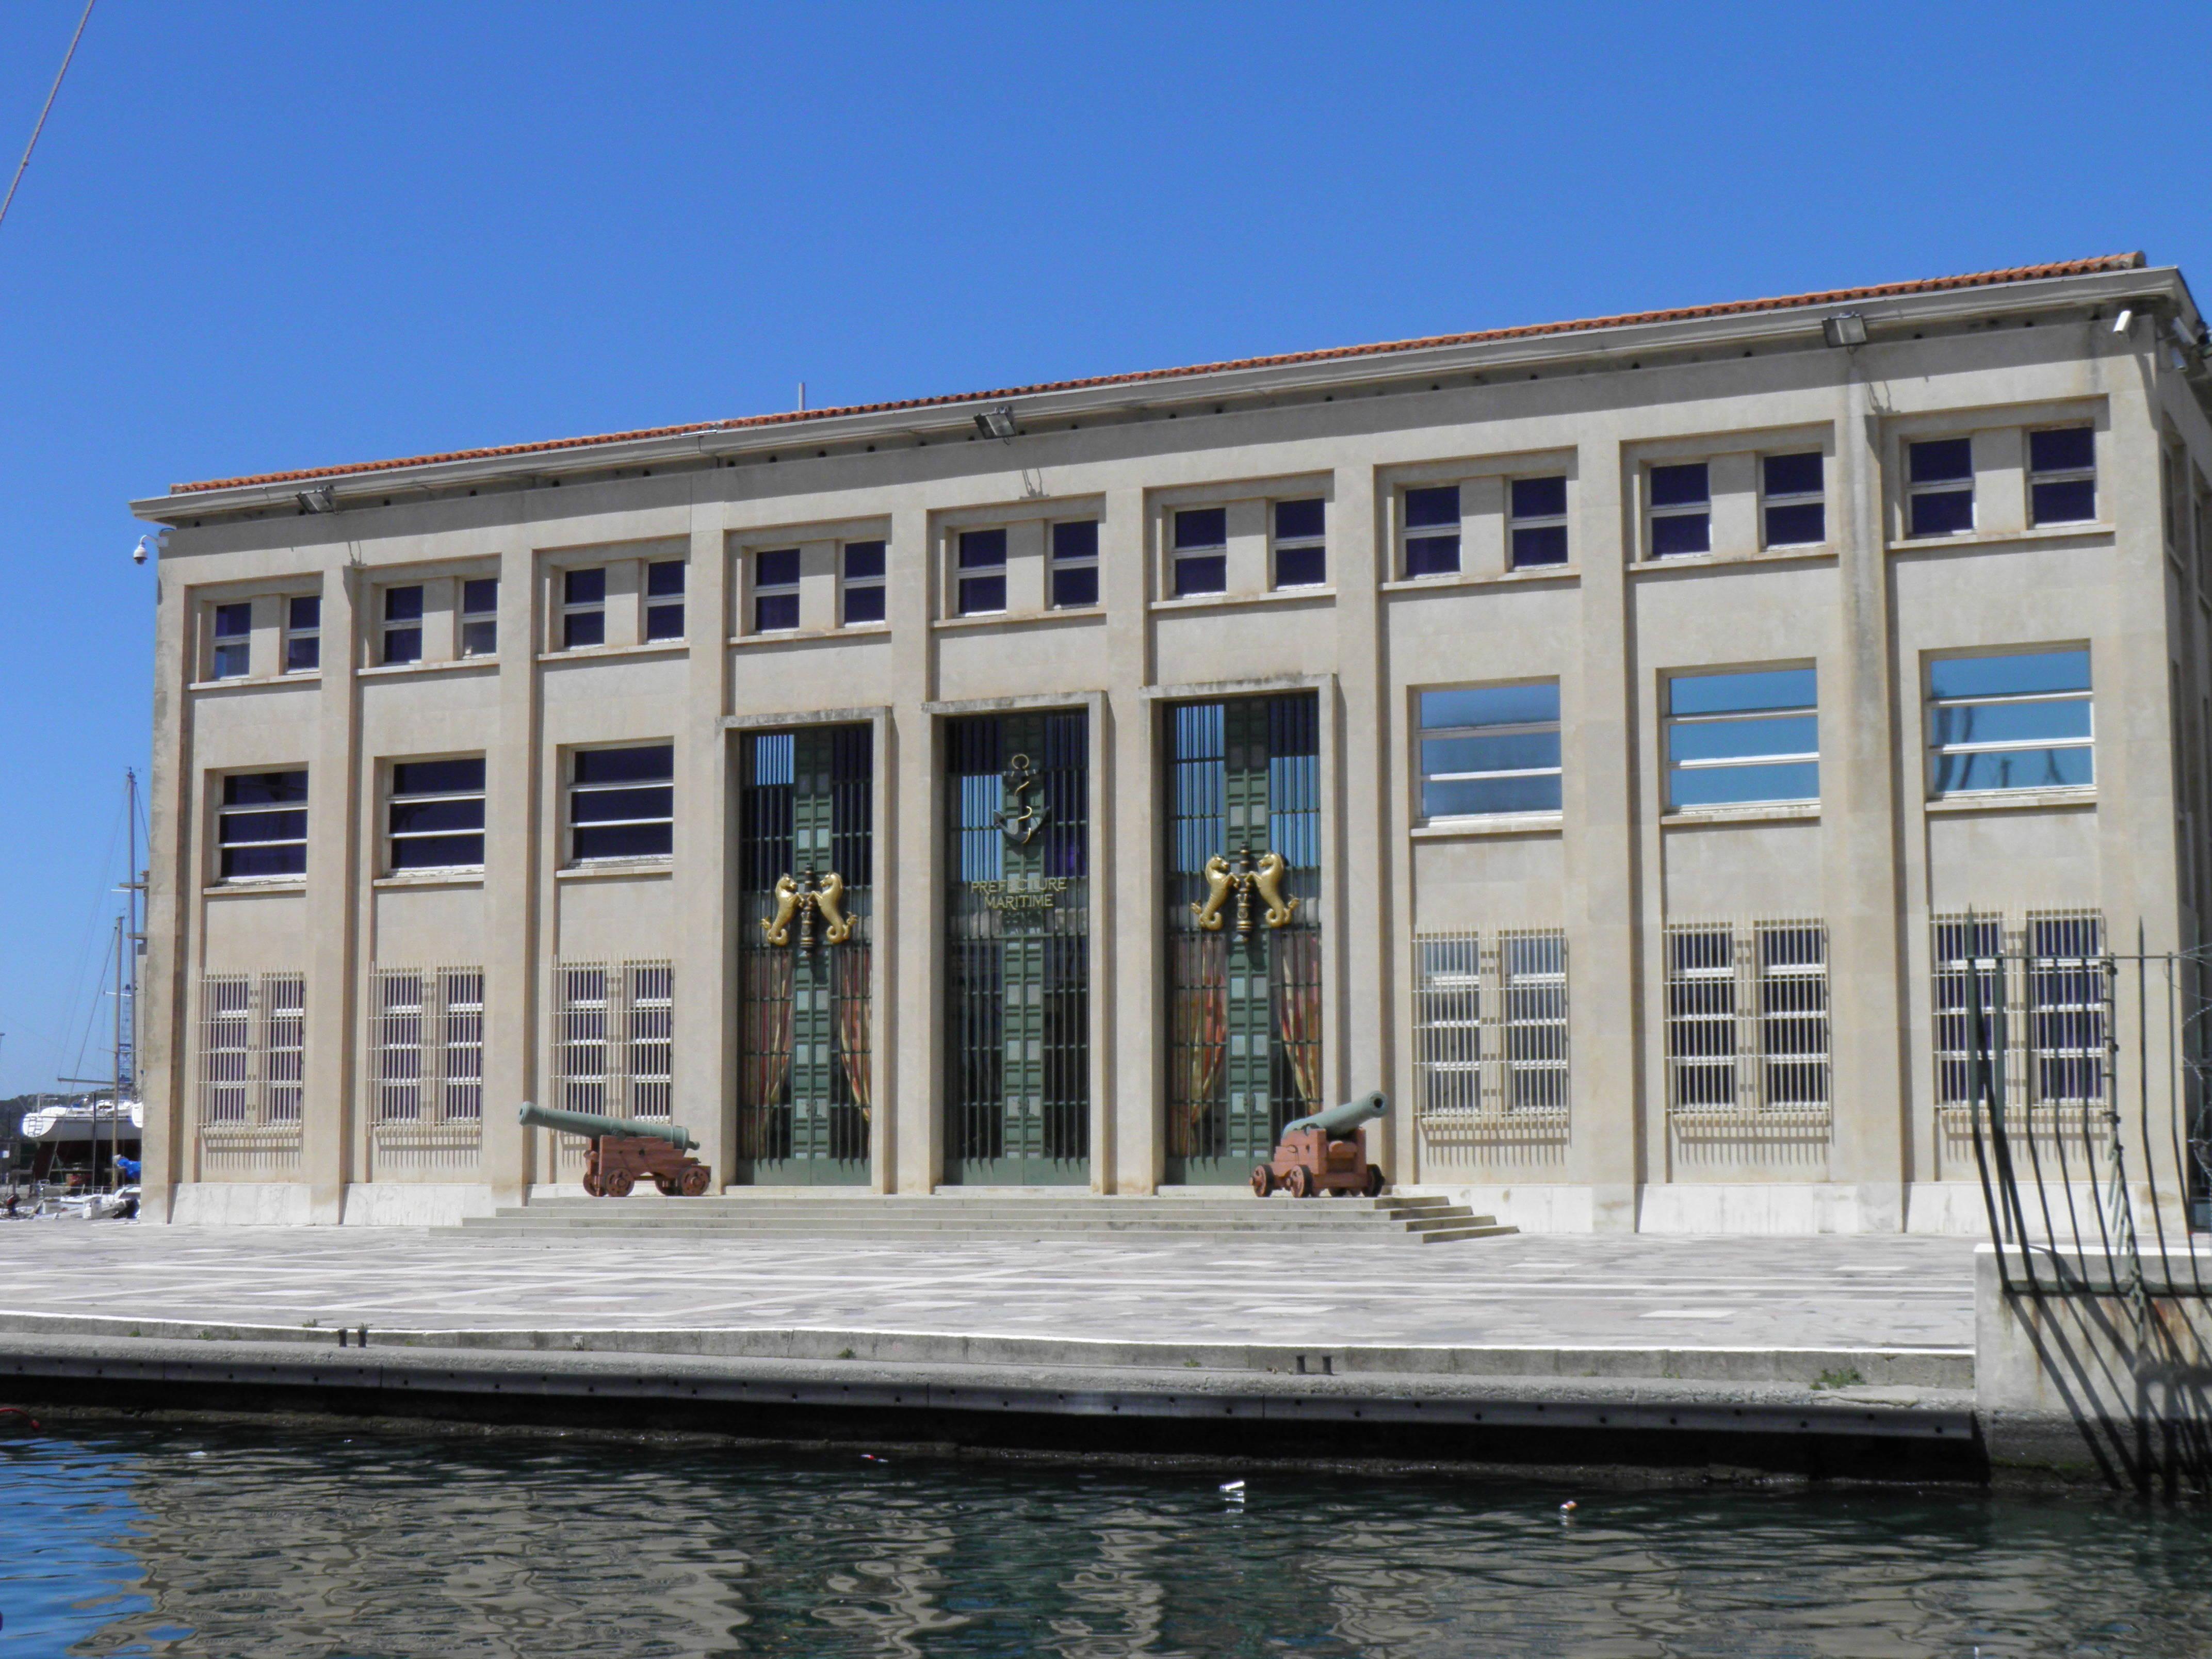 311-musee_de_la_marine_(toulon).jpg